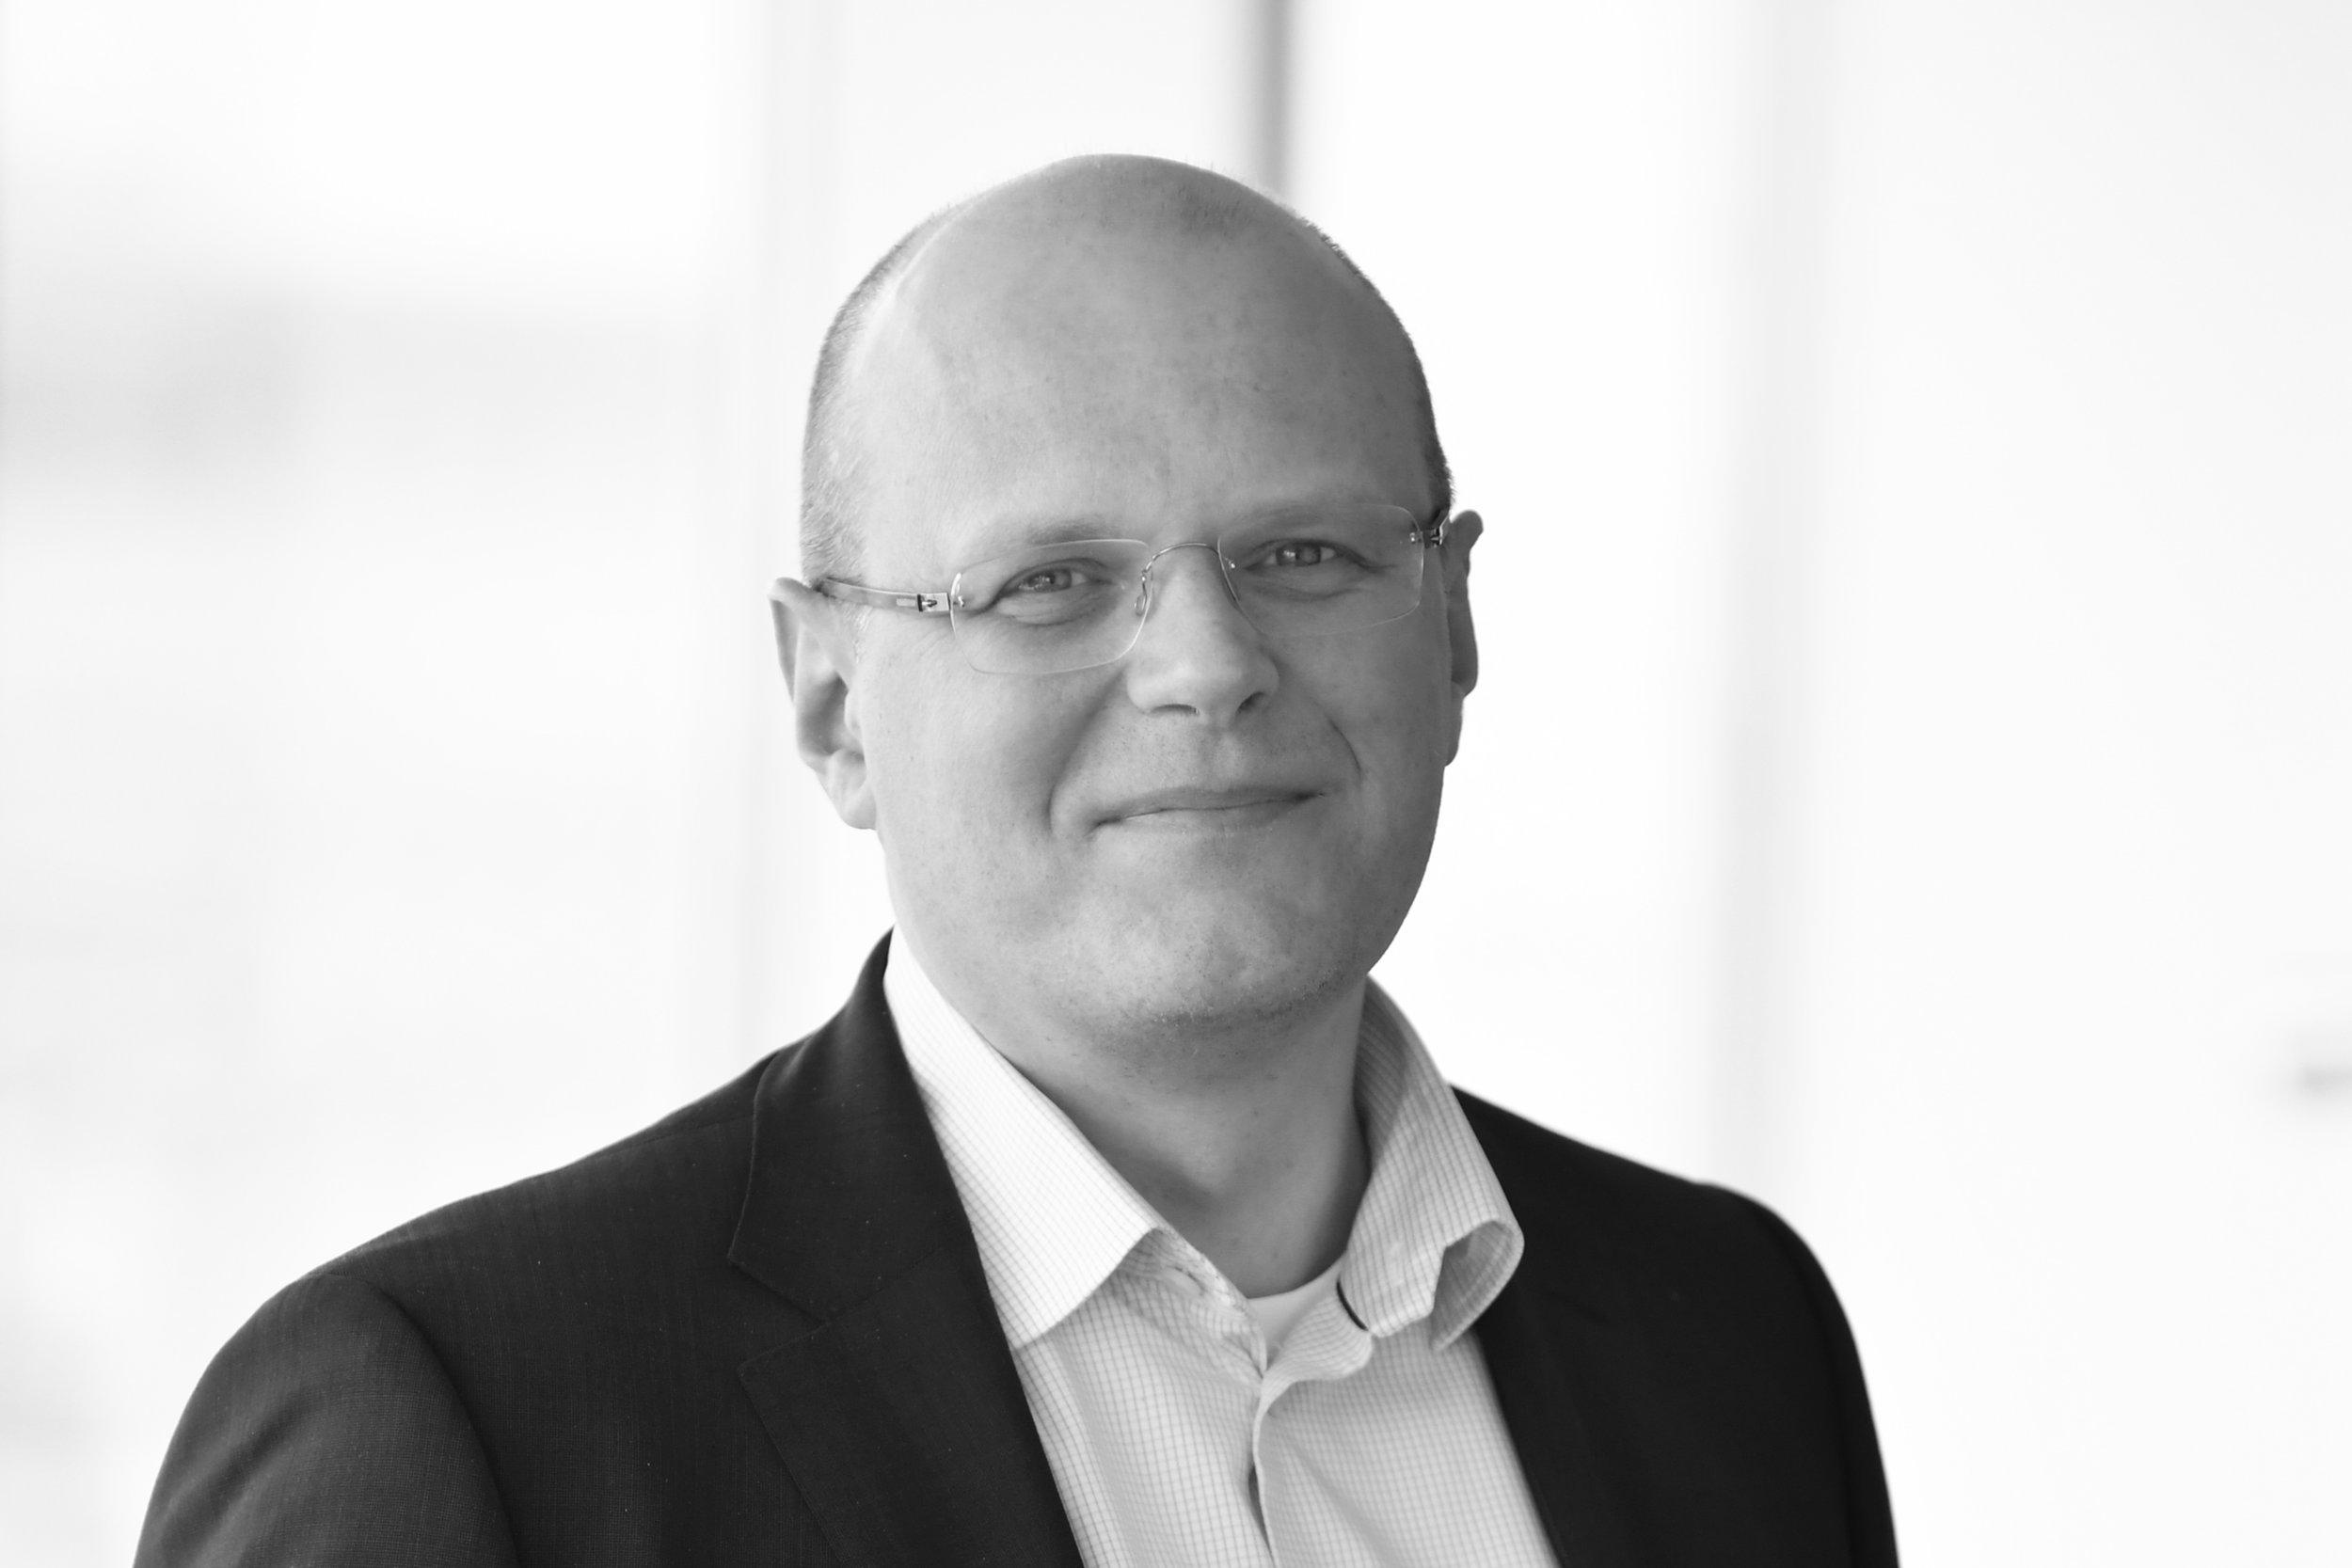 BJÖRN HENRIKSSON - Toimitusjohtaja ja partneriRuotsin tiimiämme johtaa pieni tiimi, jota johtaa Björn Henriksson. Hän on toiminut erilaisissa johtavissa tehtävissä teollisuudessa operatiivisena johtajana, kehitysjohtajana ja eri liiketoiminta-alueiden johtajana. Lue lisää → +46 (0)76 100 18 86bjorn.henriksson@nordicinterim.com